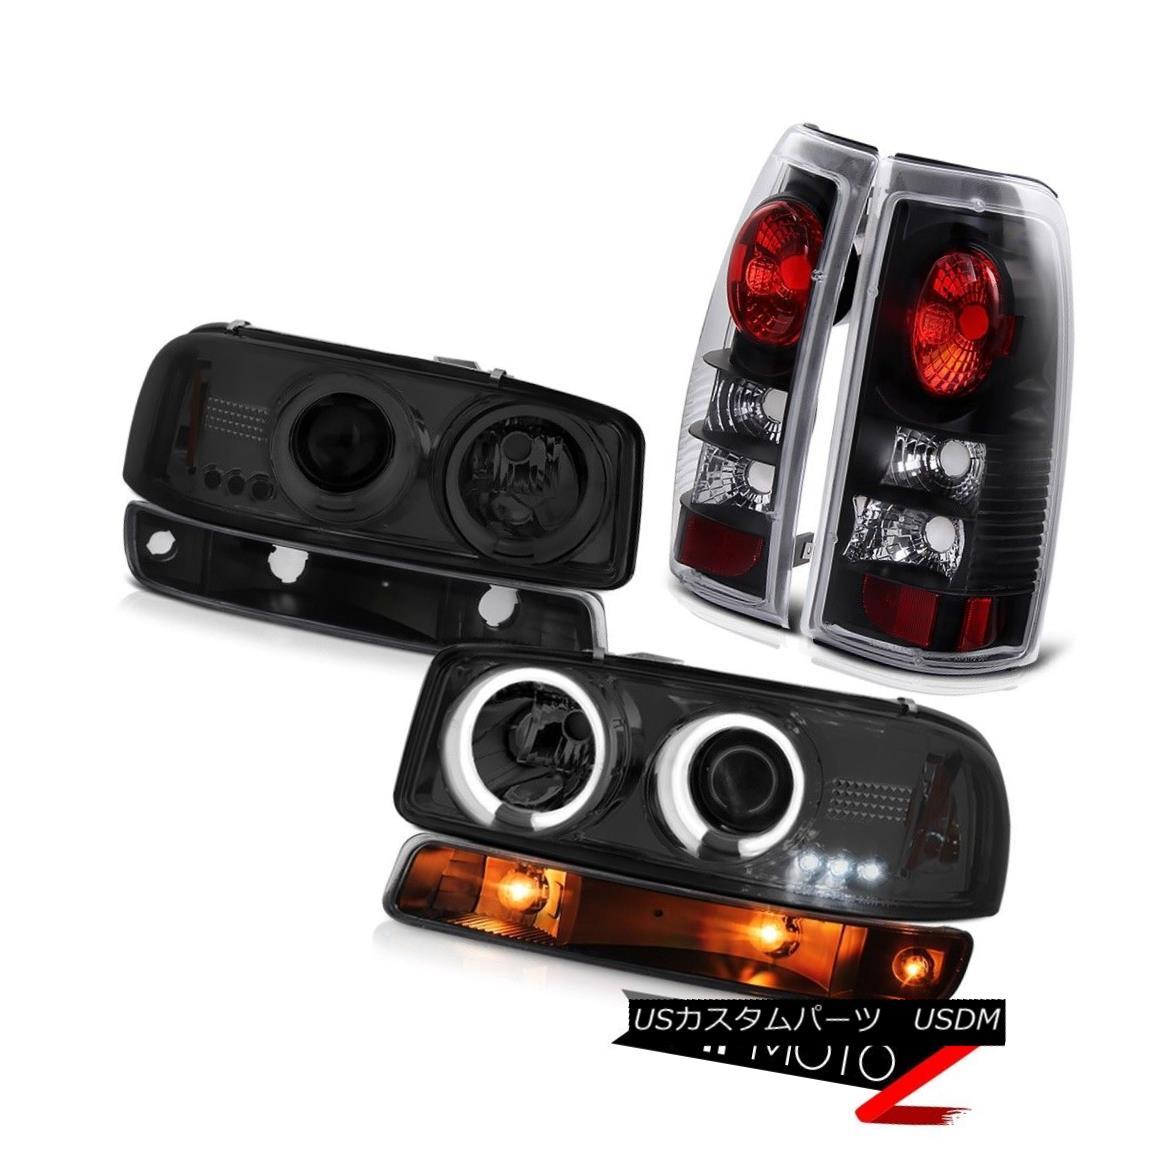 ヘッドライト 99 00 01 02 GMC Sierra Nighthawk black tail lights bumper lamp ccfl headlamps 99 00 01 02 GMC Sierra Nighthawkブラックテールライトバンパーランプccflヘッドランプ